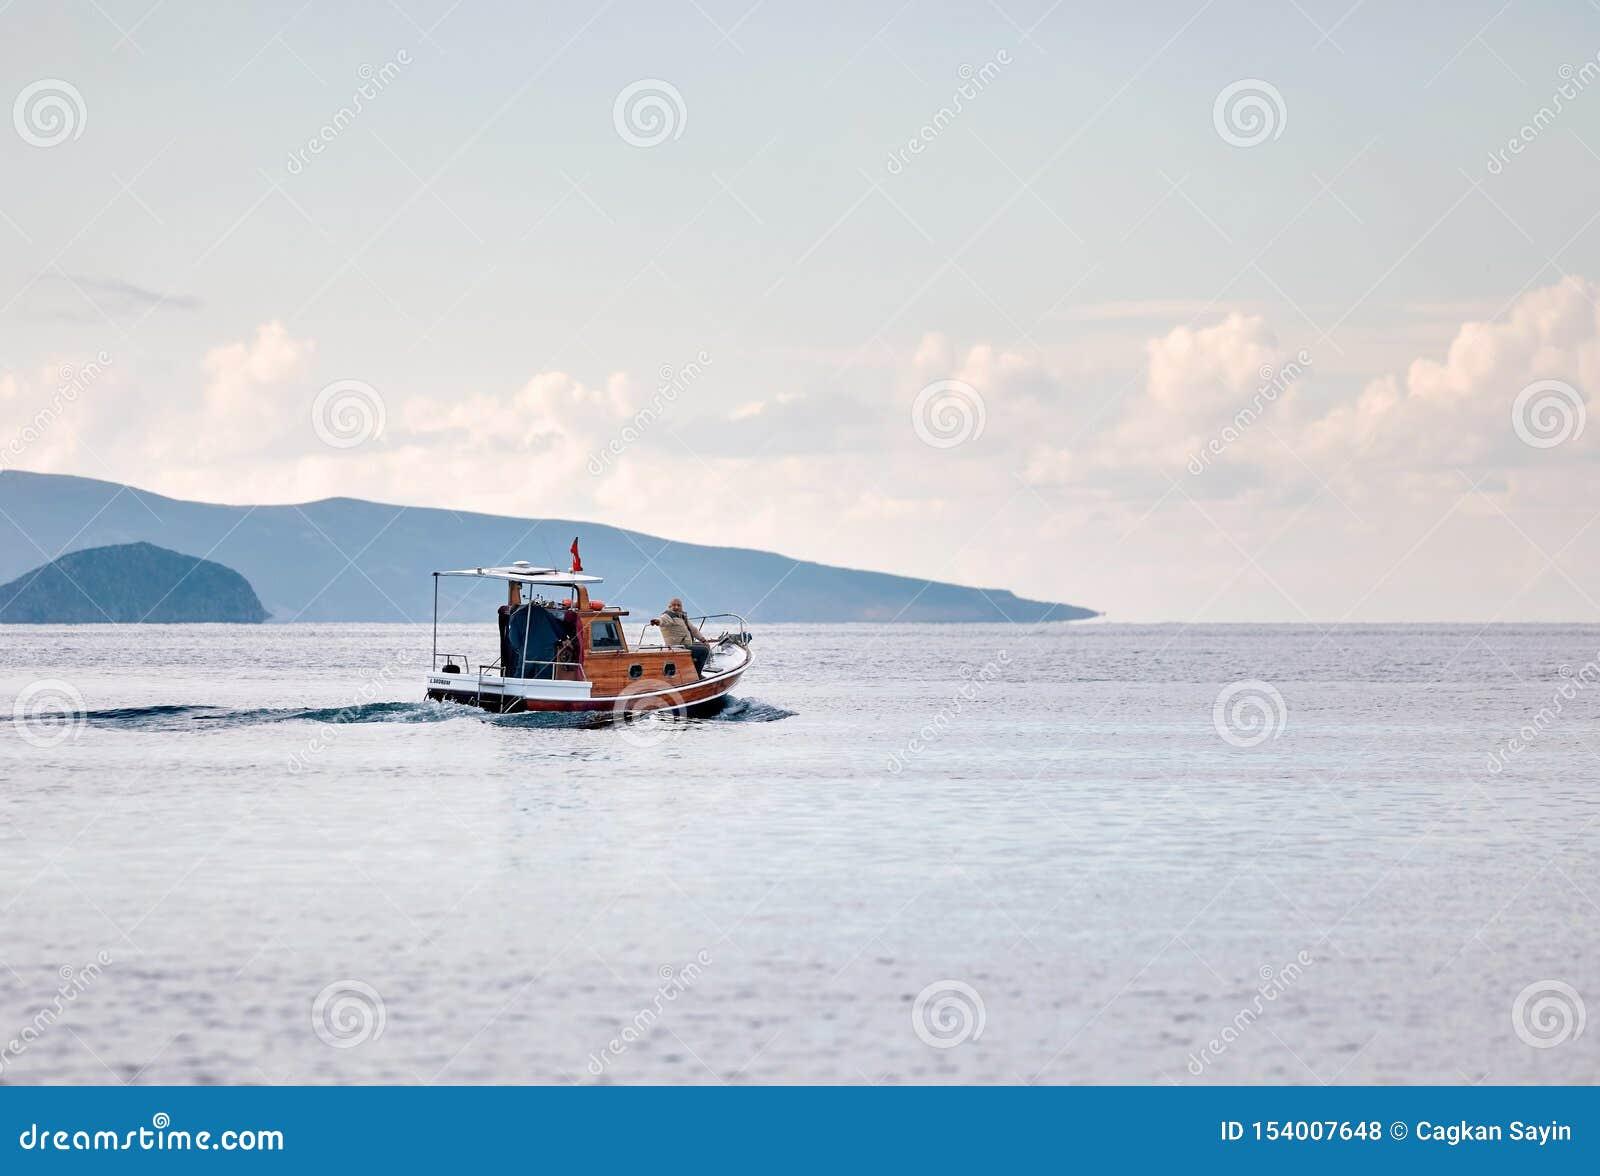 Barco de pesca que leva uma navigação de dois pescadores sobre o mar calmo no tempo de inverno em Gumusluk, Bodrum, Turquia